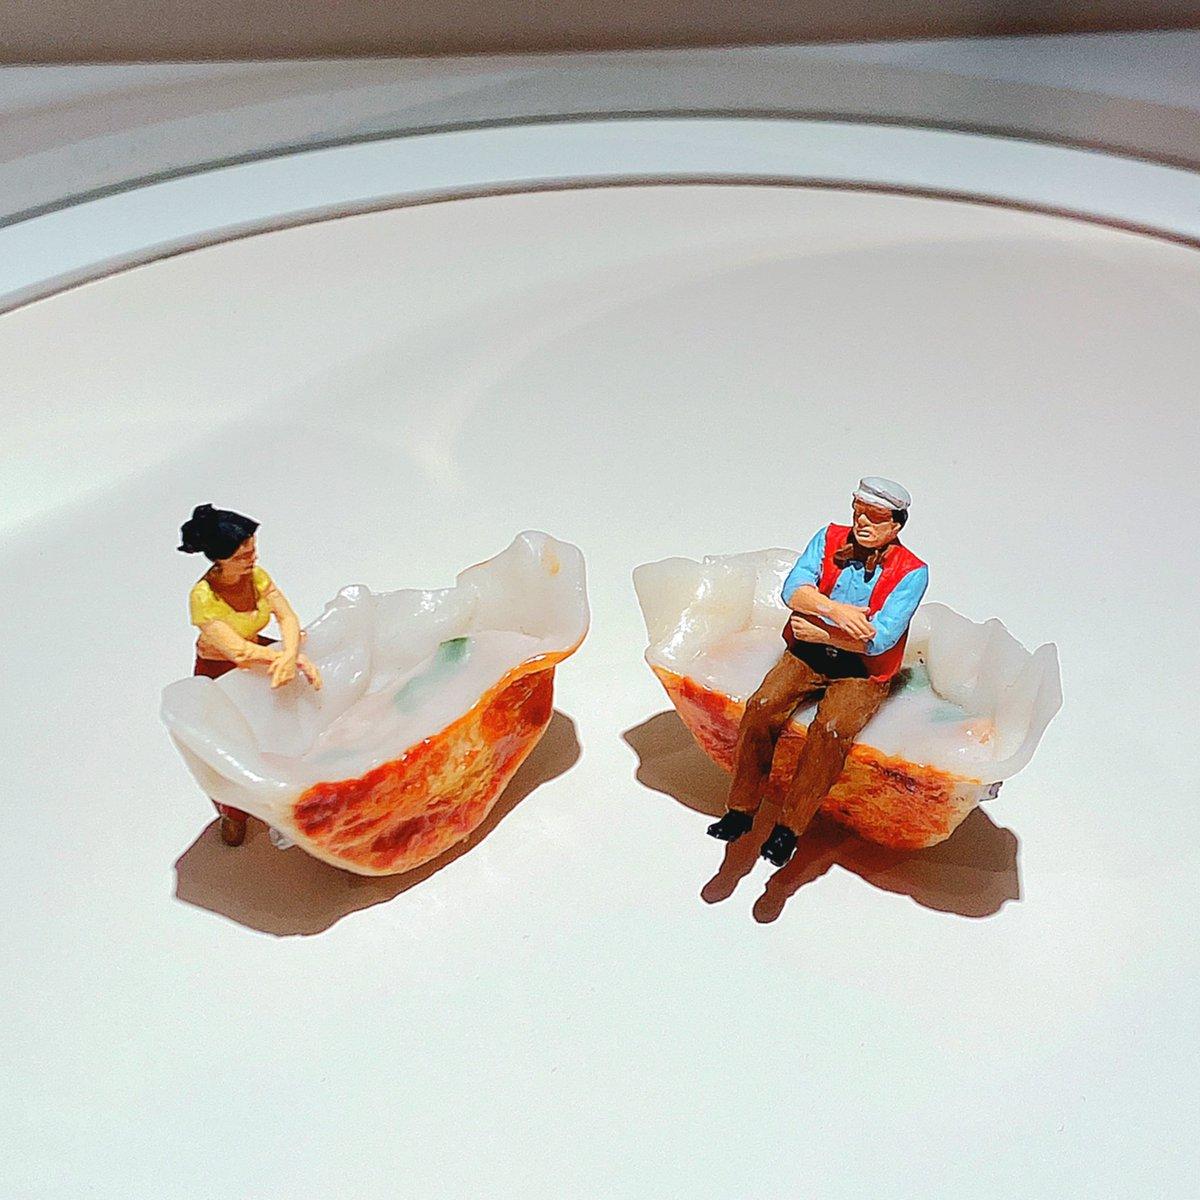 田中達也先生のミニチュアライフ展 2行ってきた。 #大丸 #大丸梅田店 #daimaru #田中達也 #ミニチュアライフテン2 #田中達也見立ての世界 #ミニチュア #miniature #miniaturelife展 #tanakatatsuya #ハッシュタグキャンペーン https://t.co/zQlHcmMvUt